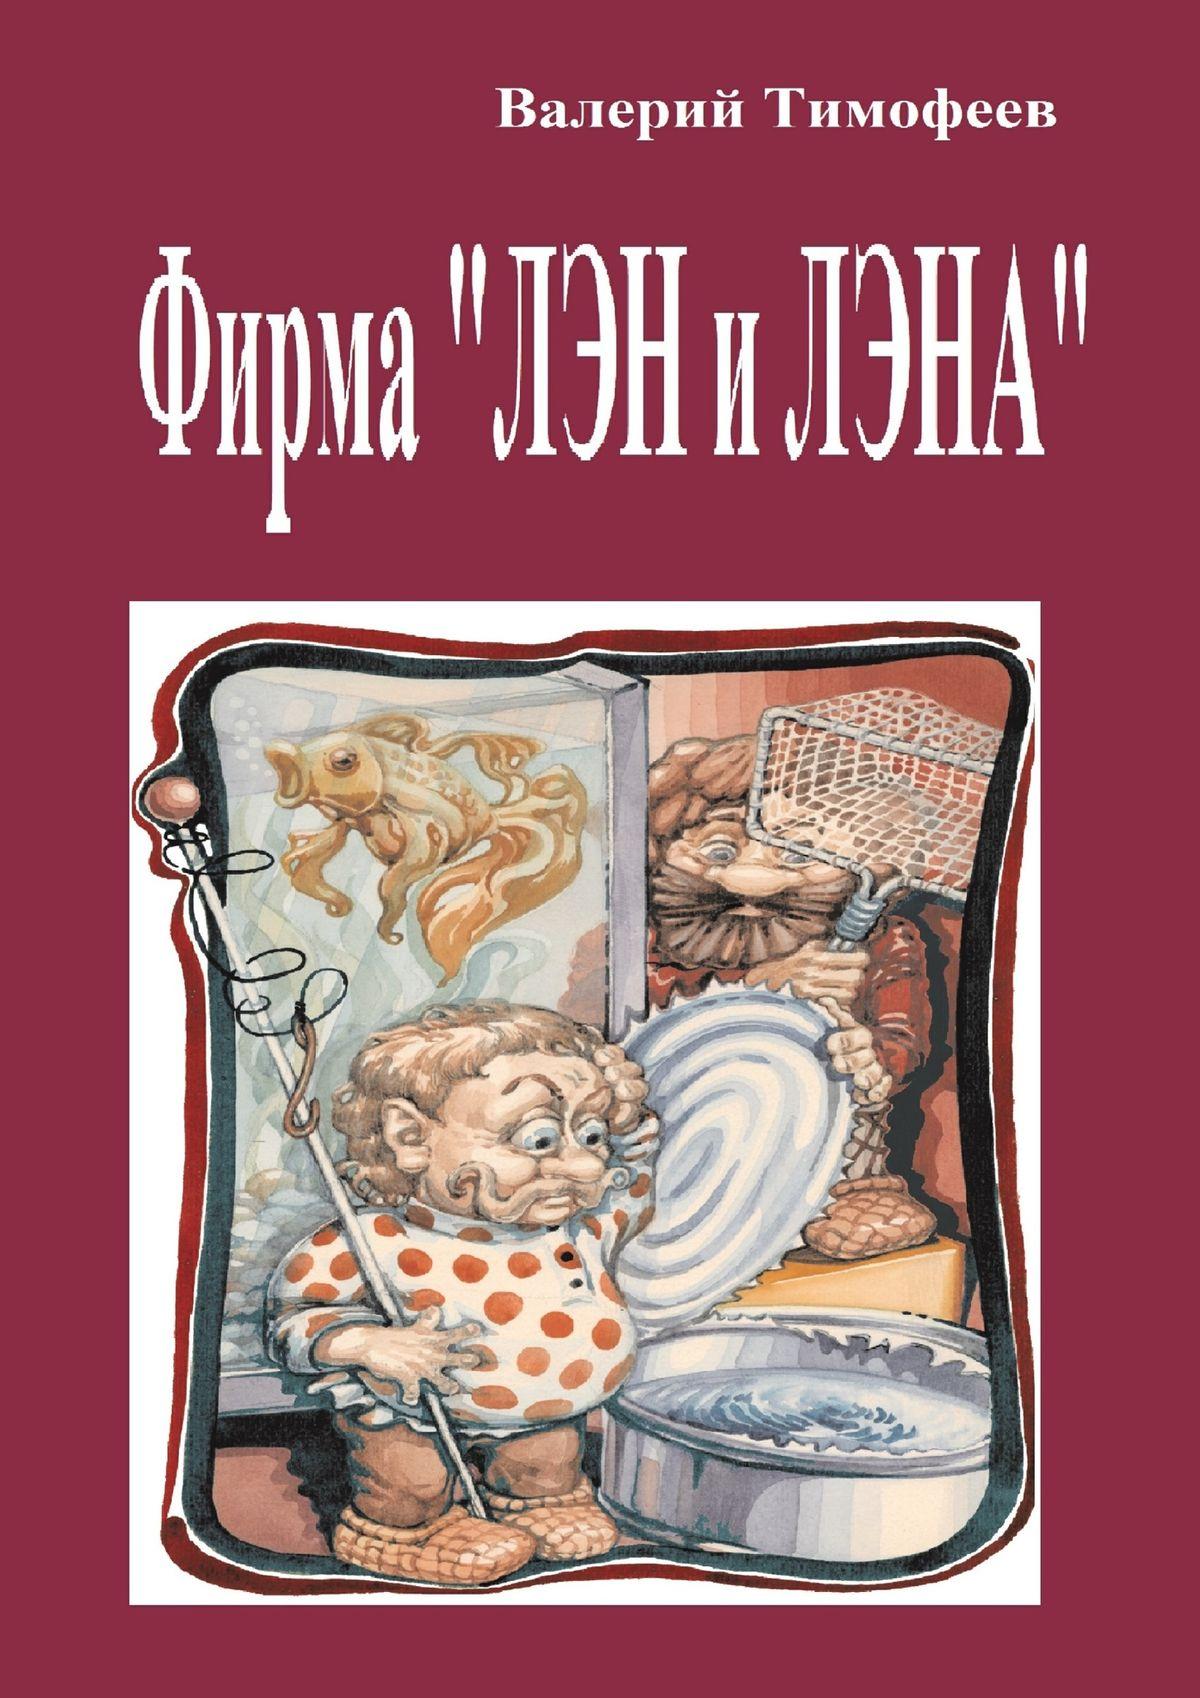 Валерий Тимофеев Фирма «Лэн иЛэна». Подпольные мужички–2